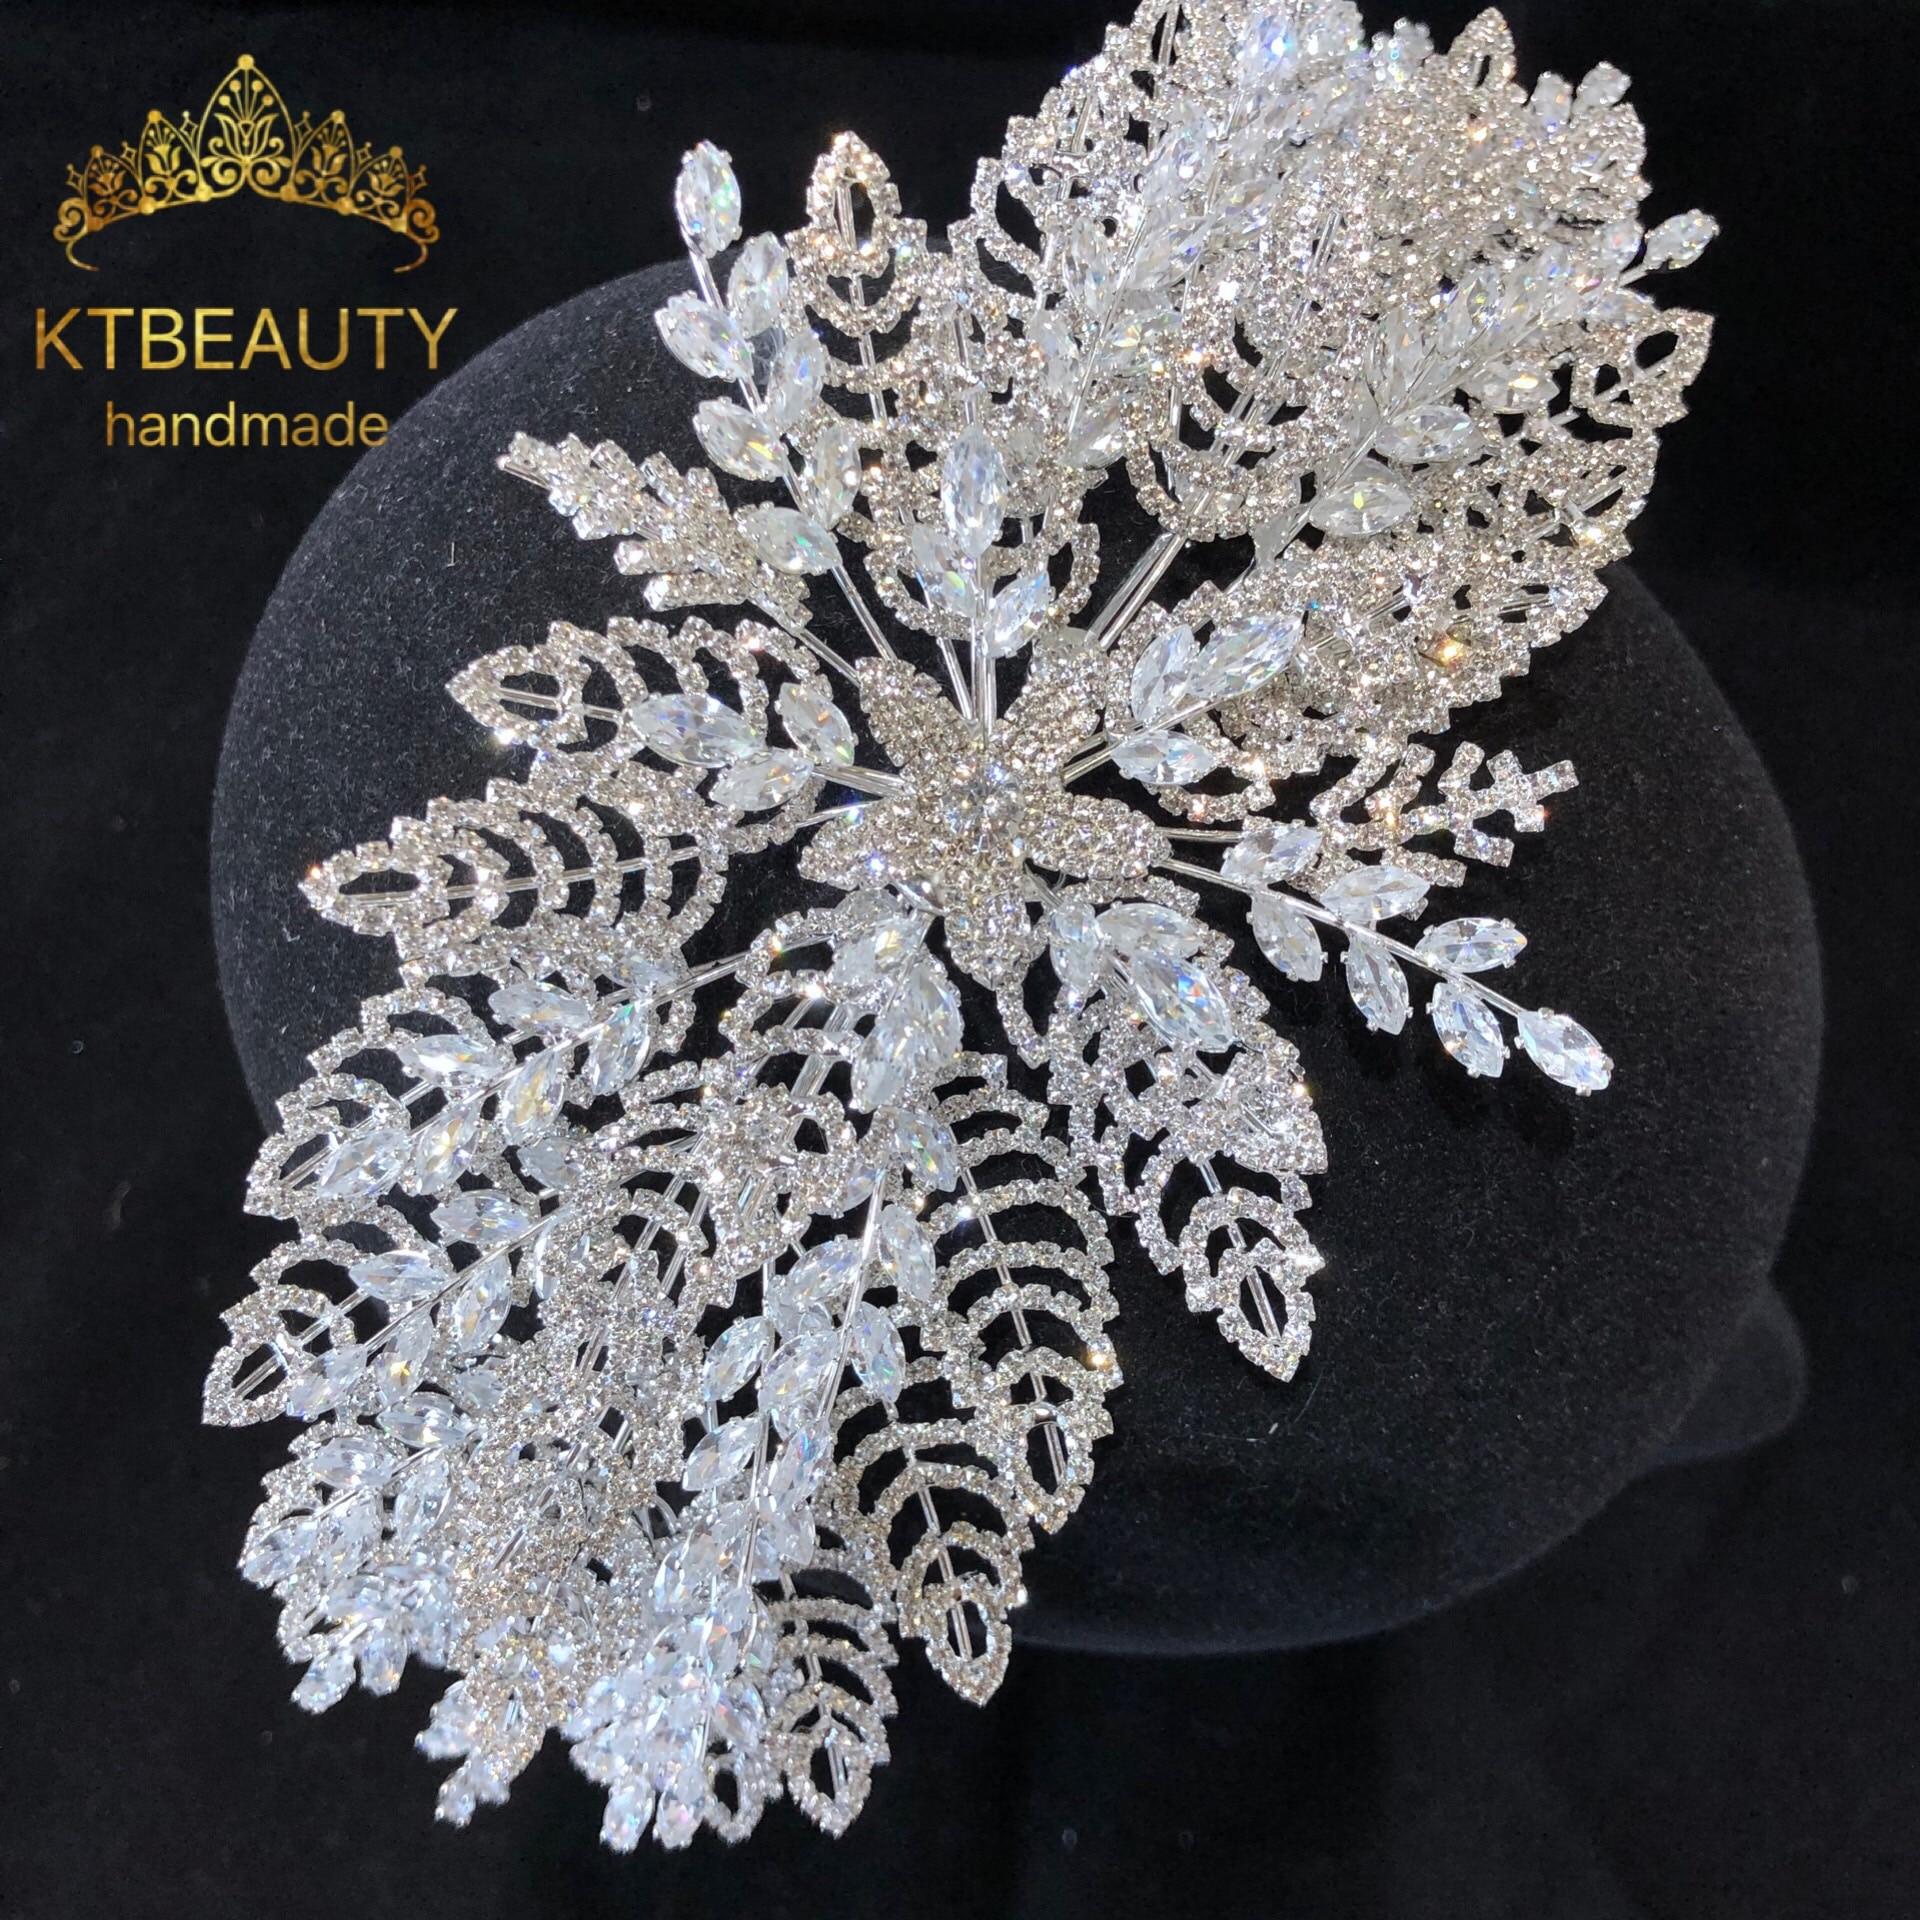 New High Quality Rhinestone Zirconia Tiara Silver Fashion Headband Royal Bridal Wedding Dressing Crown Accessory Women